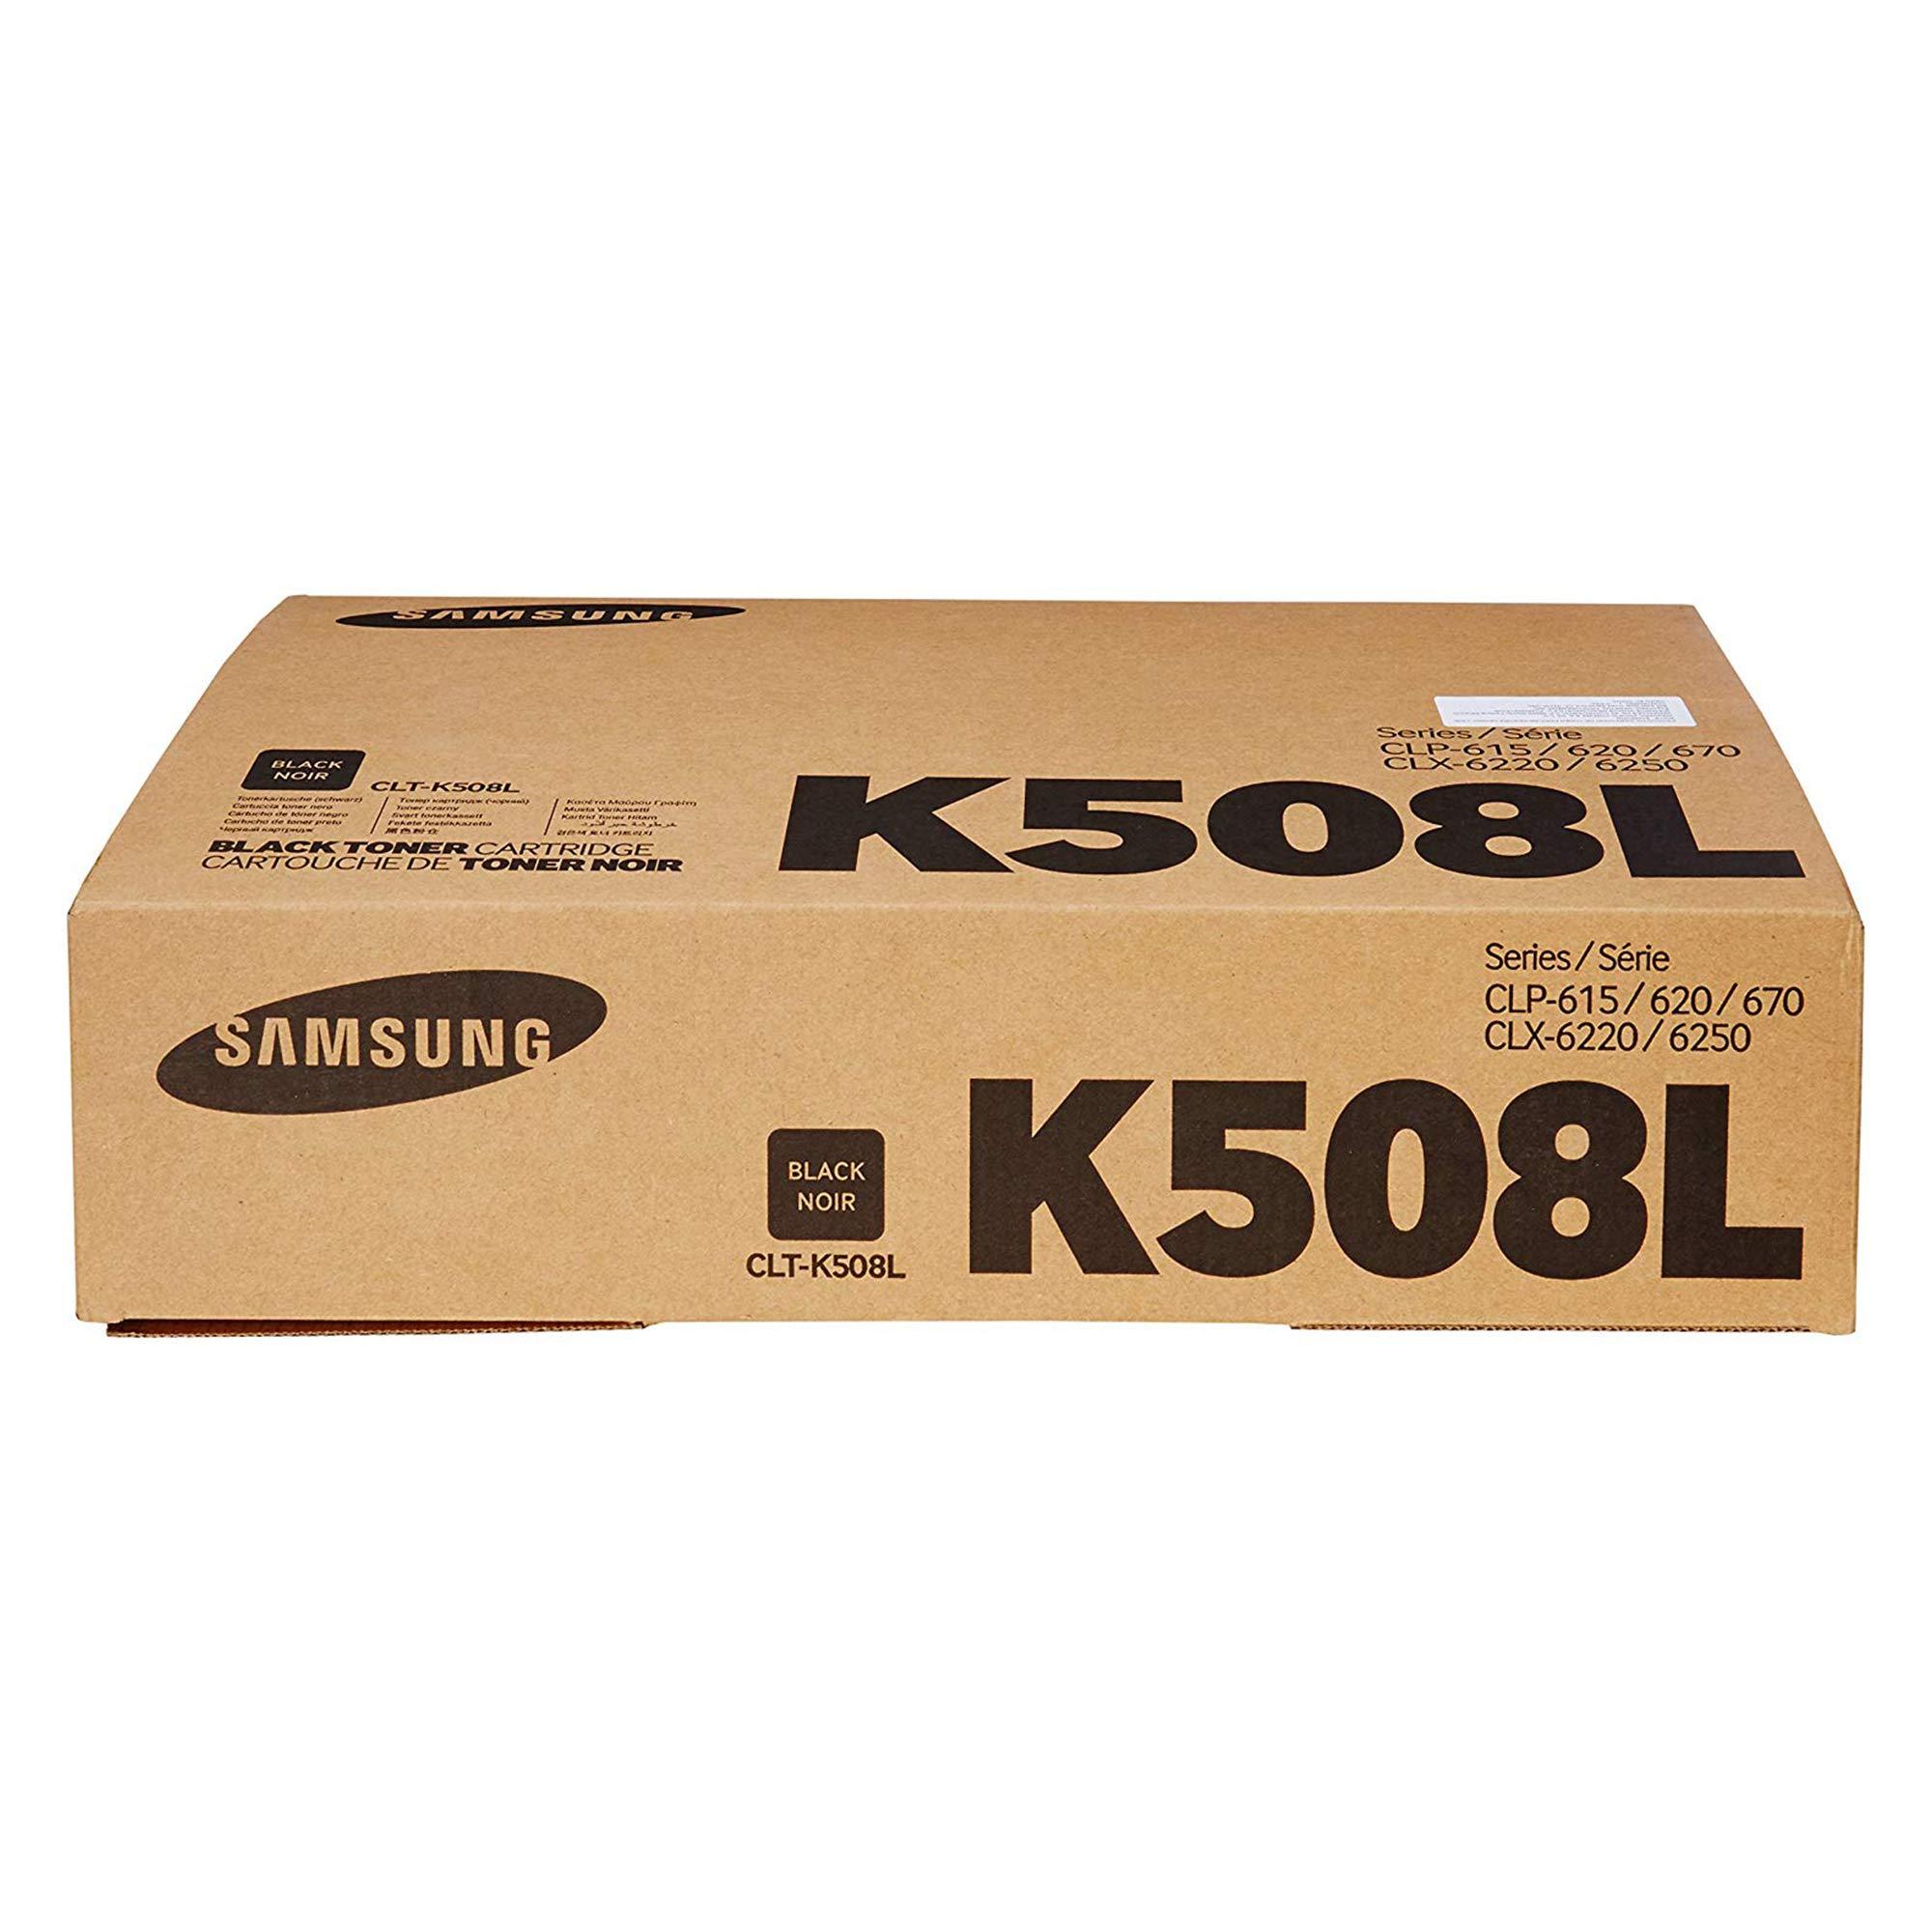 Toner Original SAMSUNG CLT-K508L Black Alta Capacidad para CLP-615 620 670 CLX-6220 6250